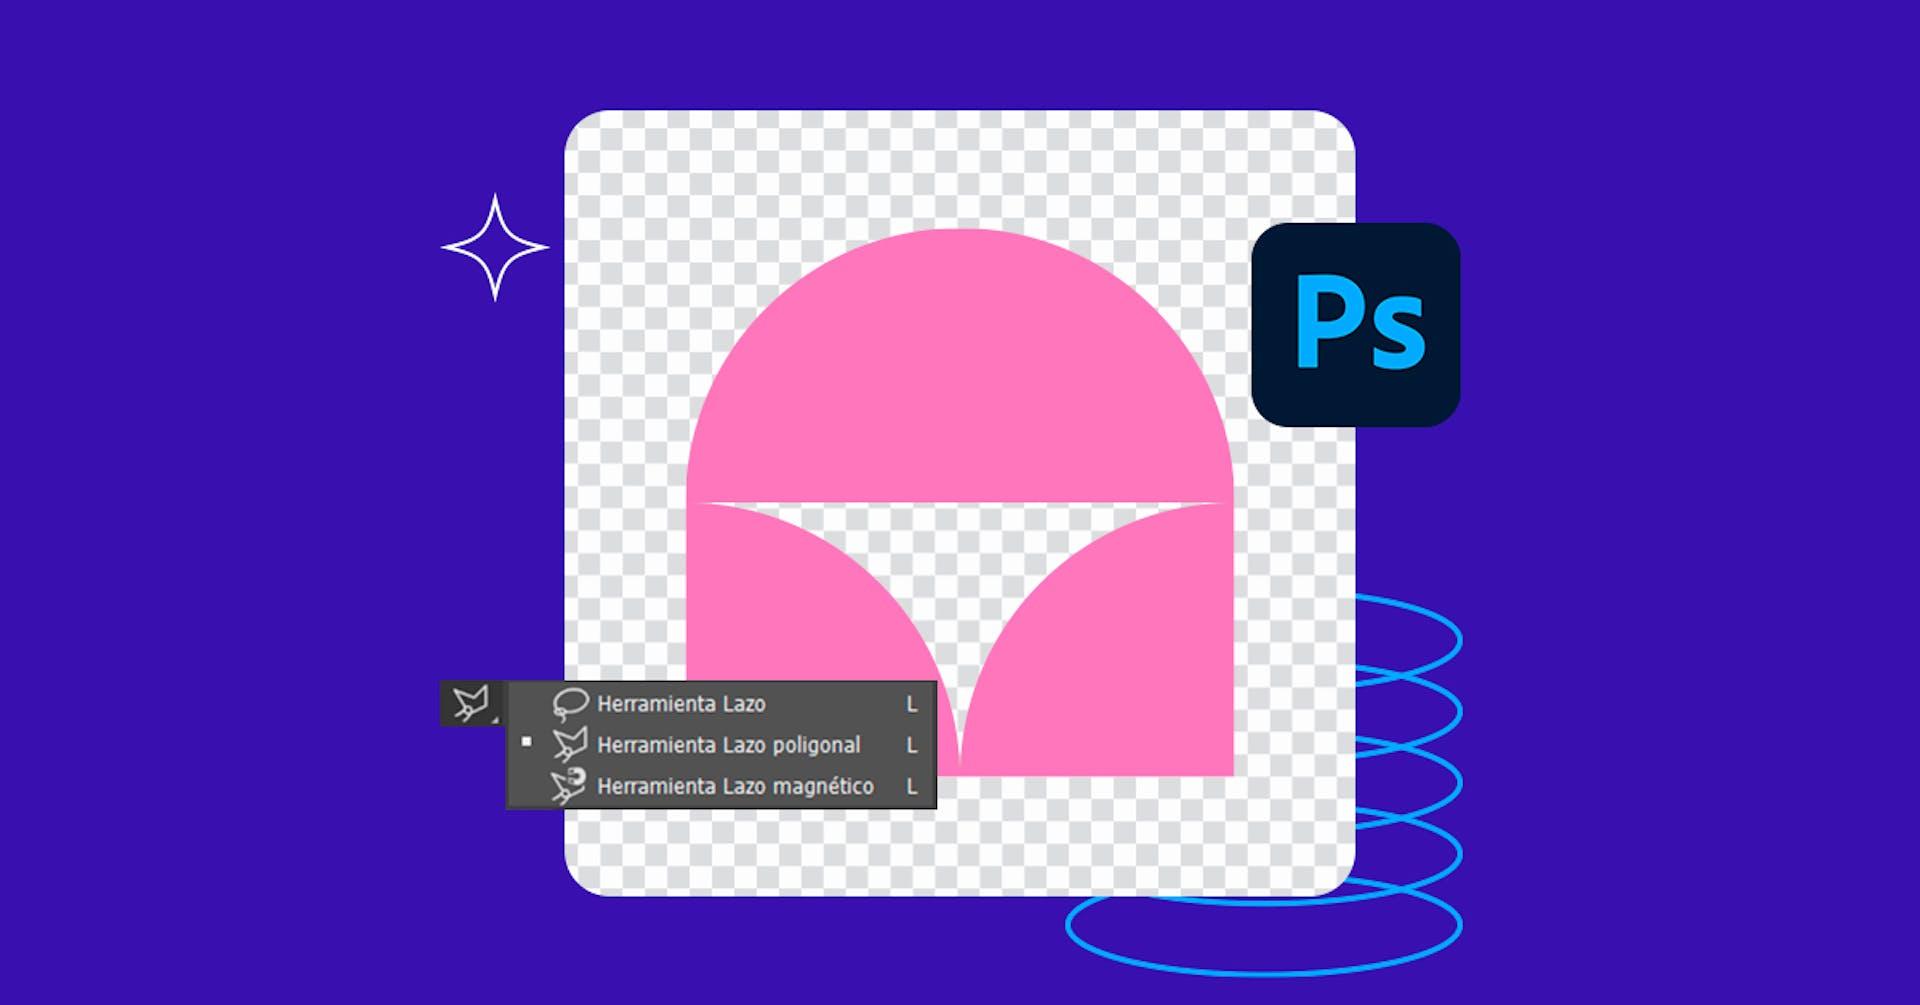 Lazo magnético en Photoshop: Aprende a recortar imágenes a la perfección